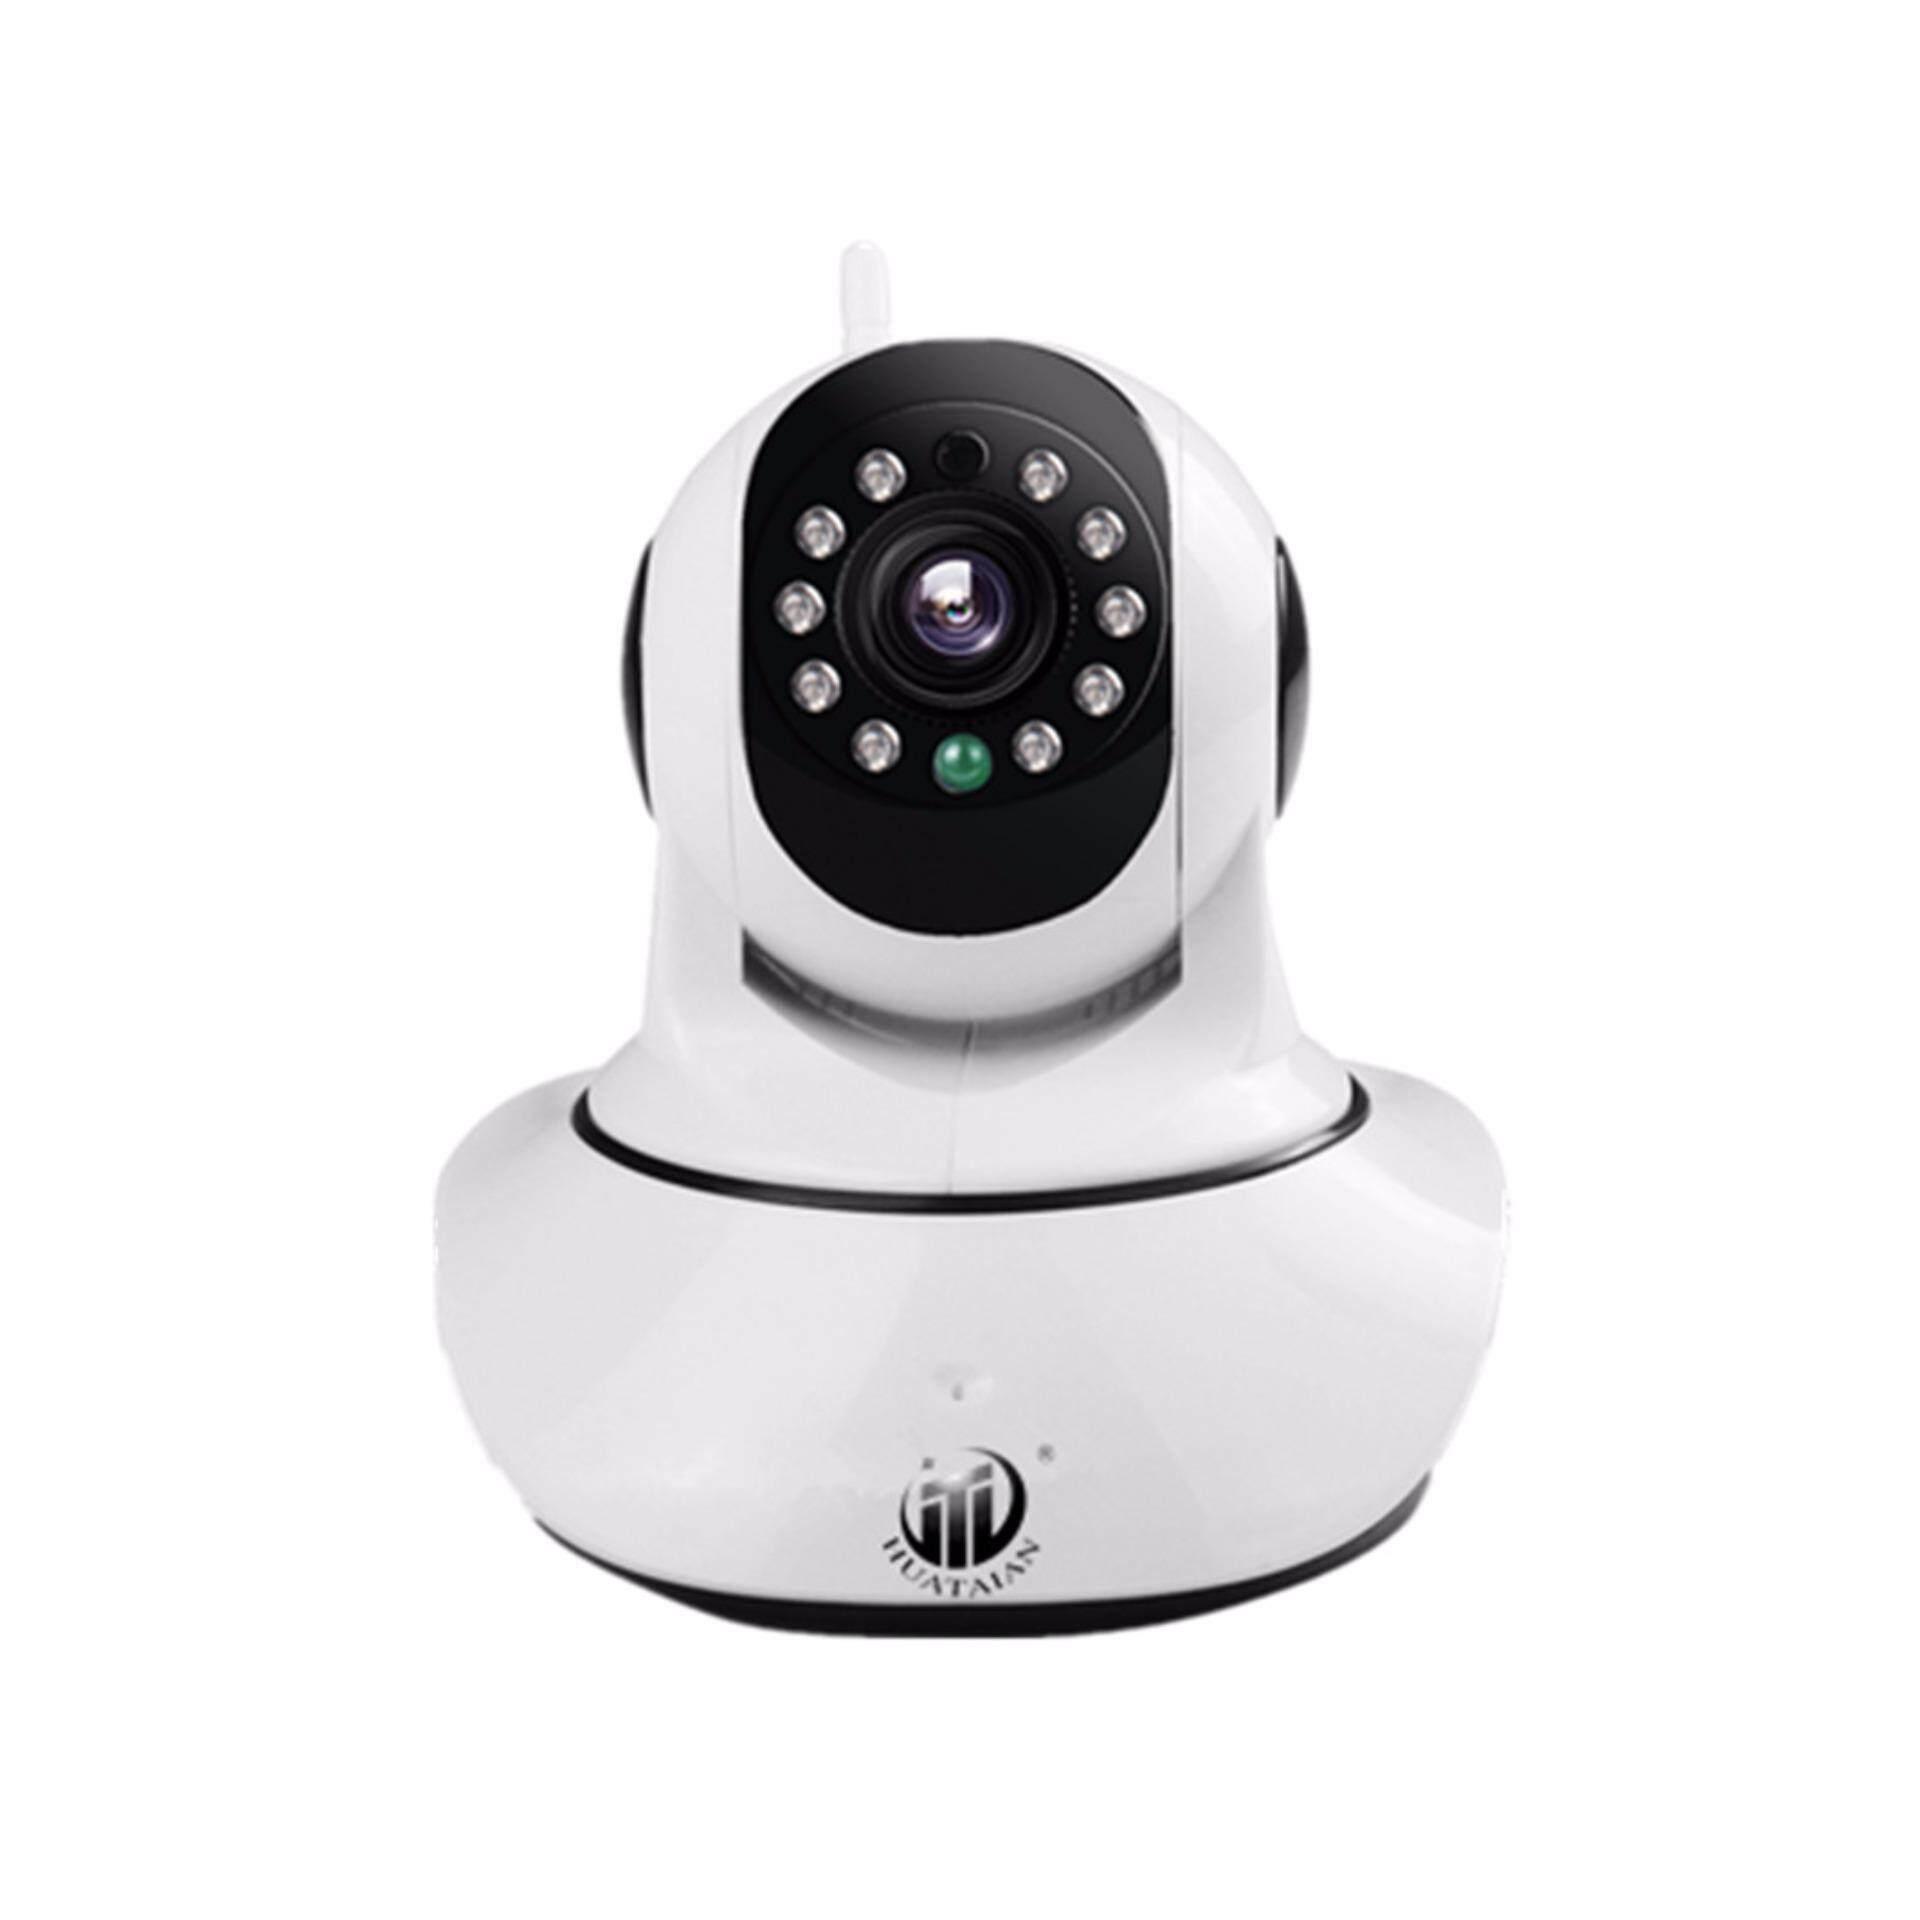 HUATAIAN กล้องวงจร ปิด IP Camera 1.0MP Support 128GB รุ่นHTA-S32B10 (สีขาว)